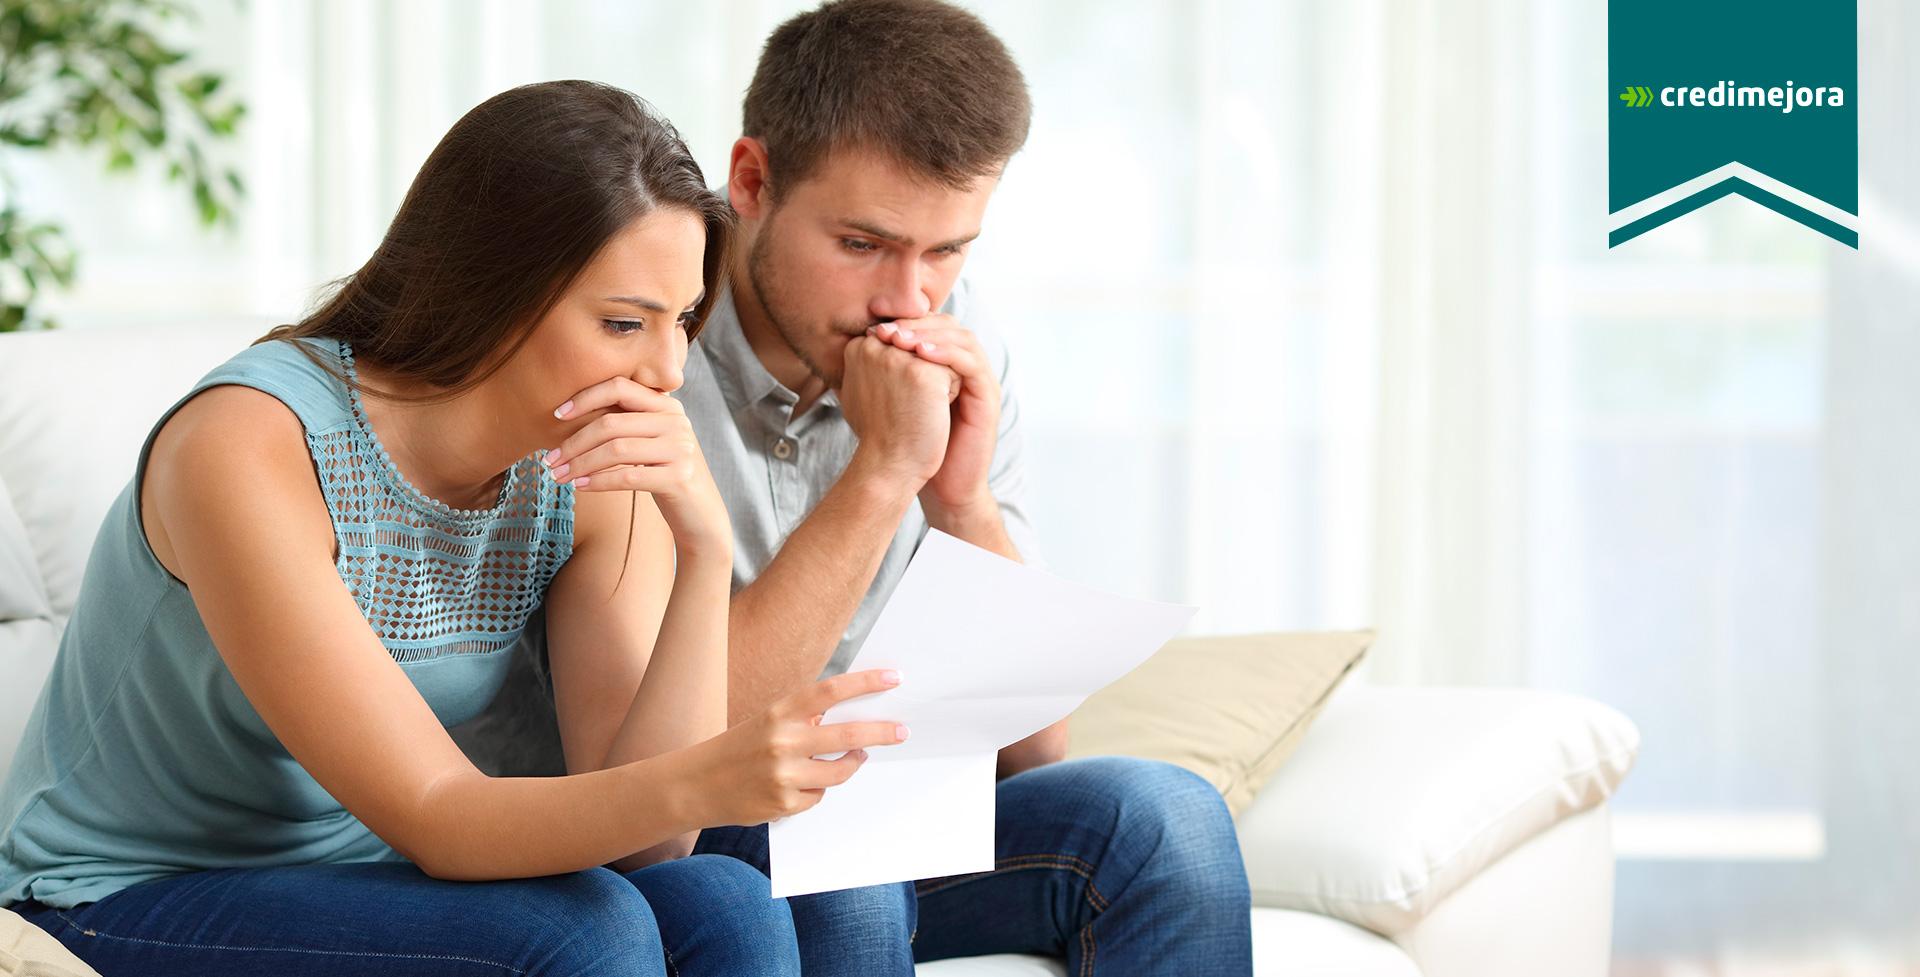 Resuelve tus emergencias sin afectar tus finanzas personales   Credimejora